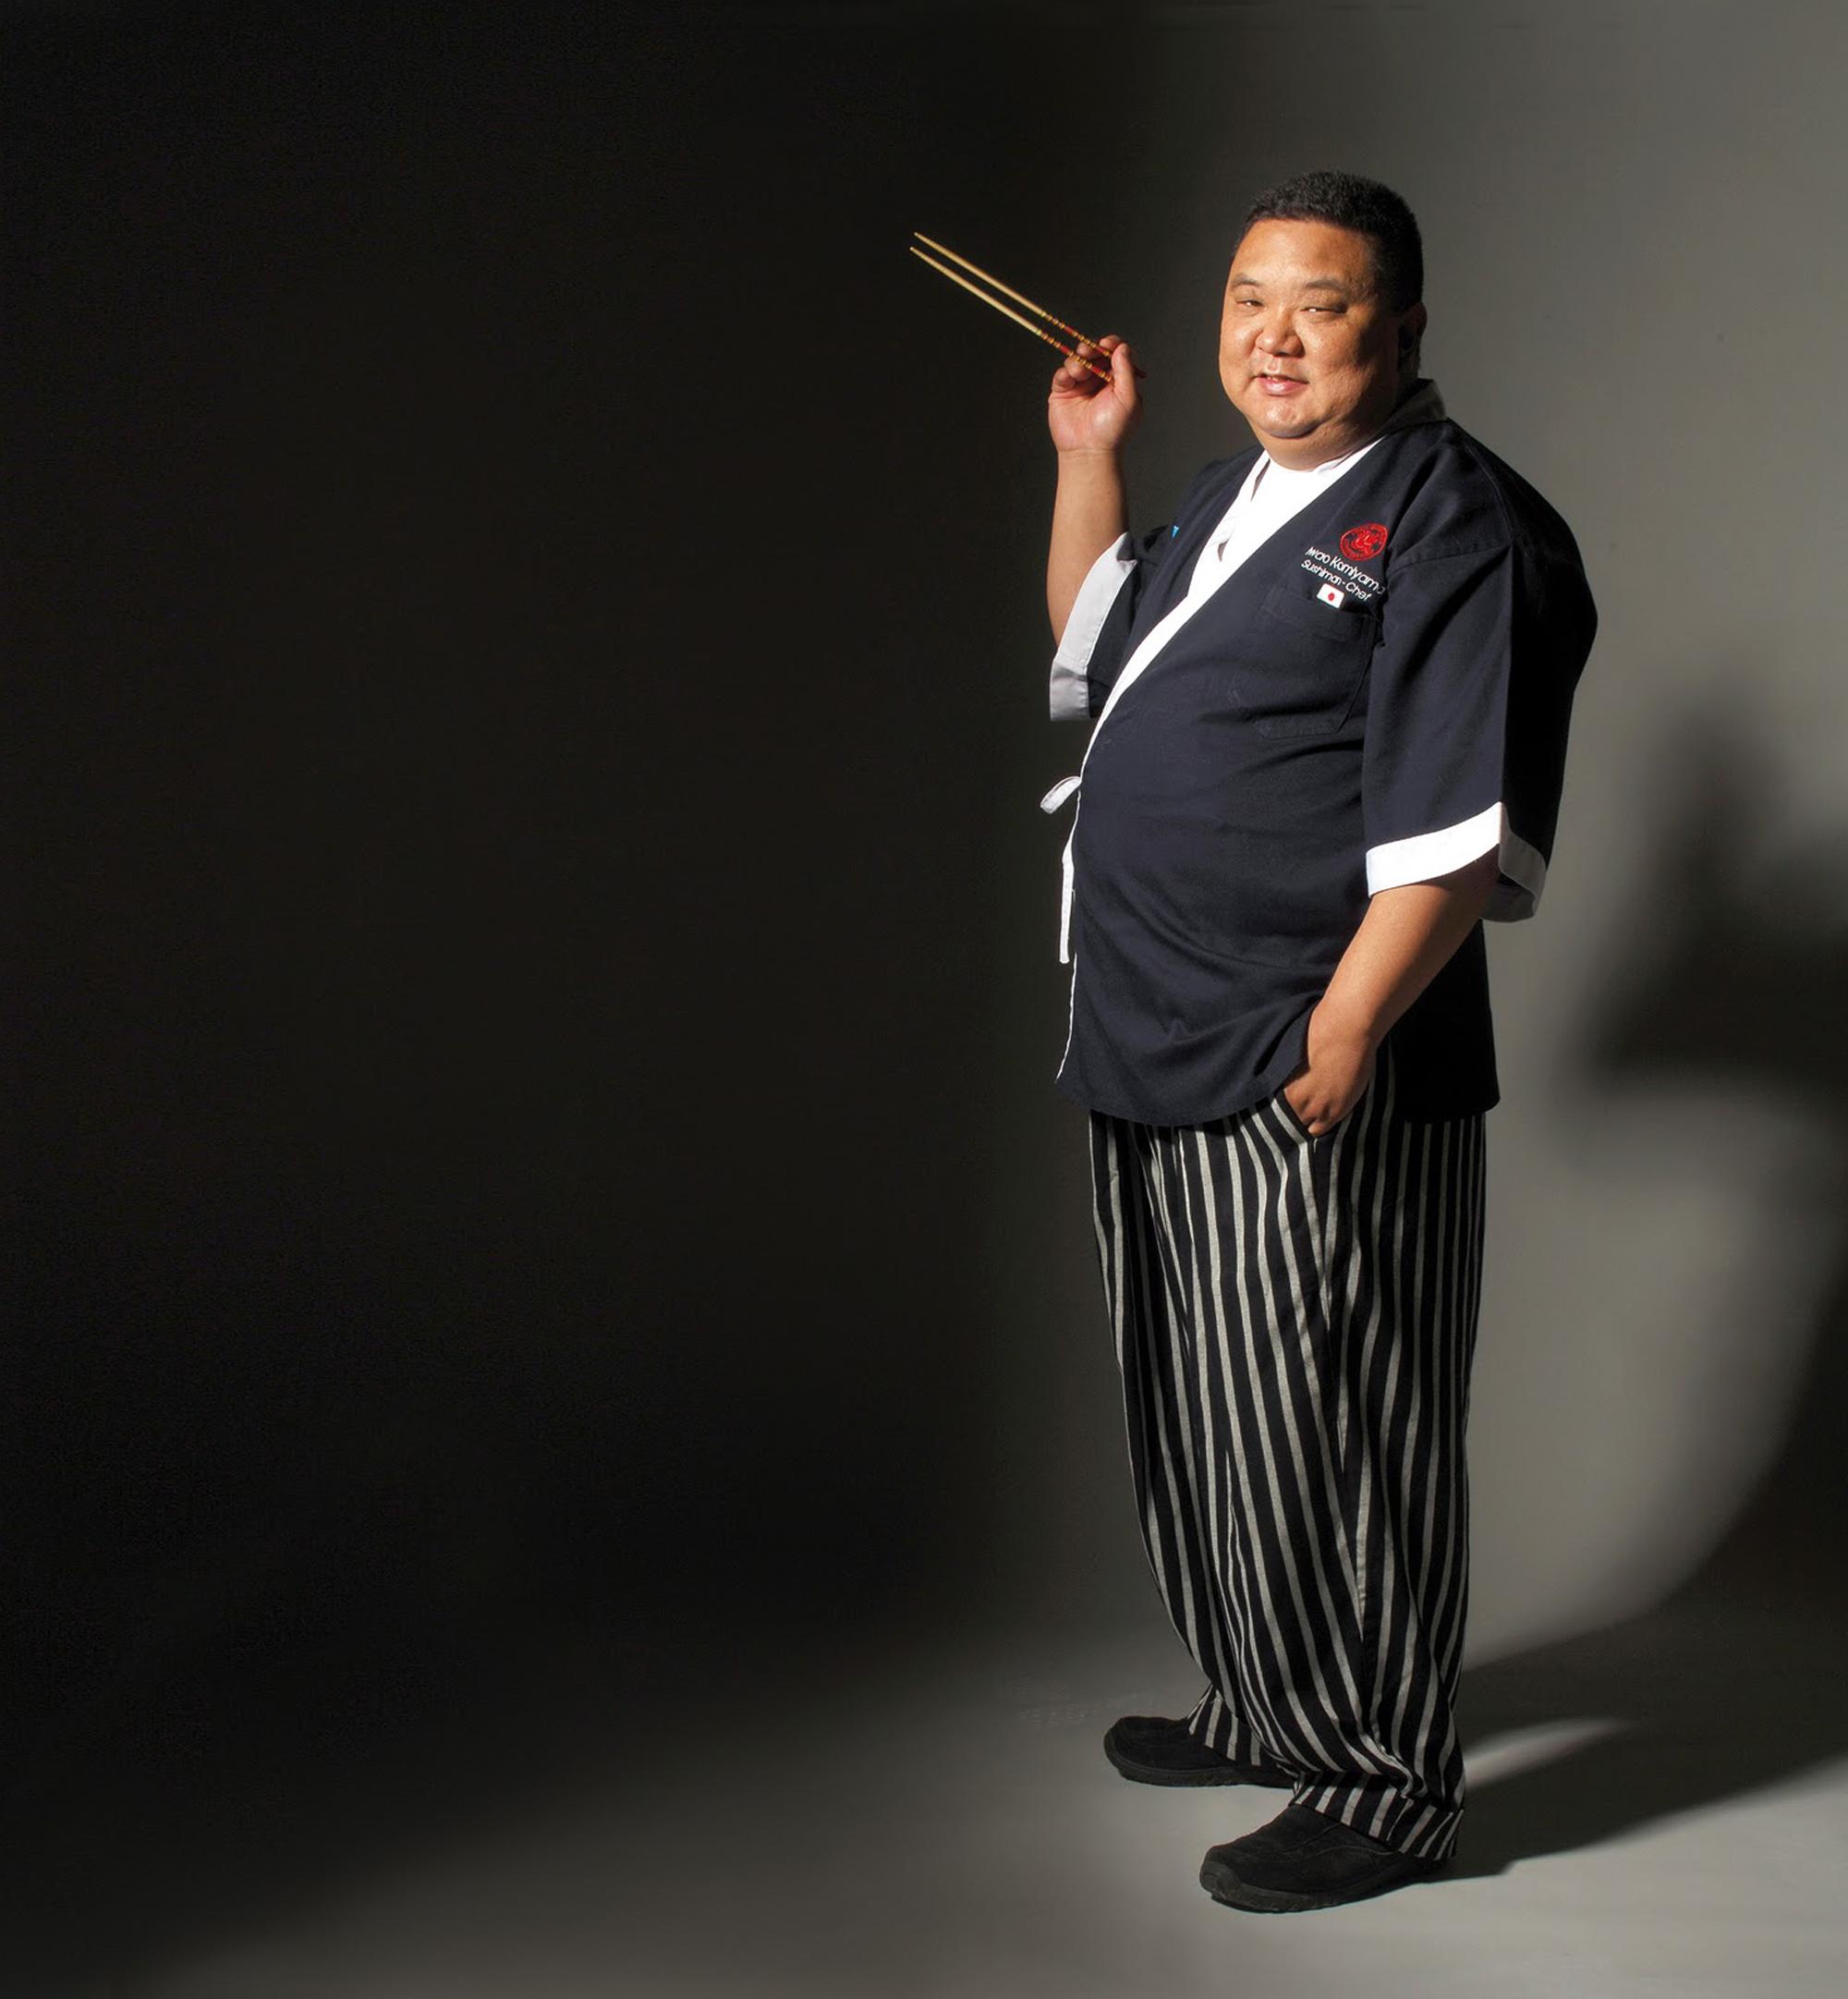 Foto: Cortesía. Con más de 26 años de experiencia, Iwao es el único  Itamae  (maestro japonés especialista en las artes culinarias de la cocina japonesa y sushi) en Argentina.